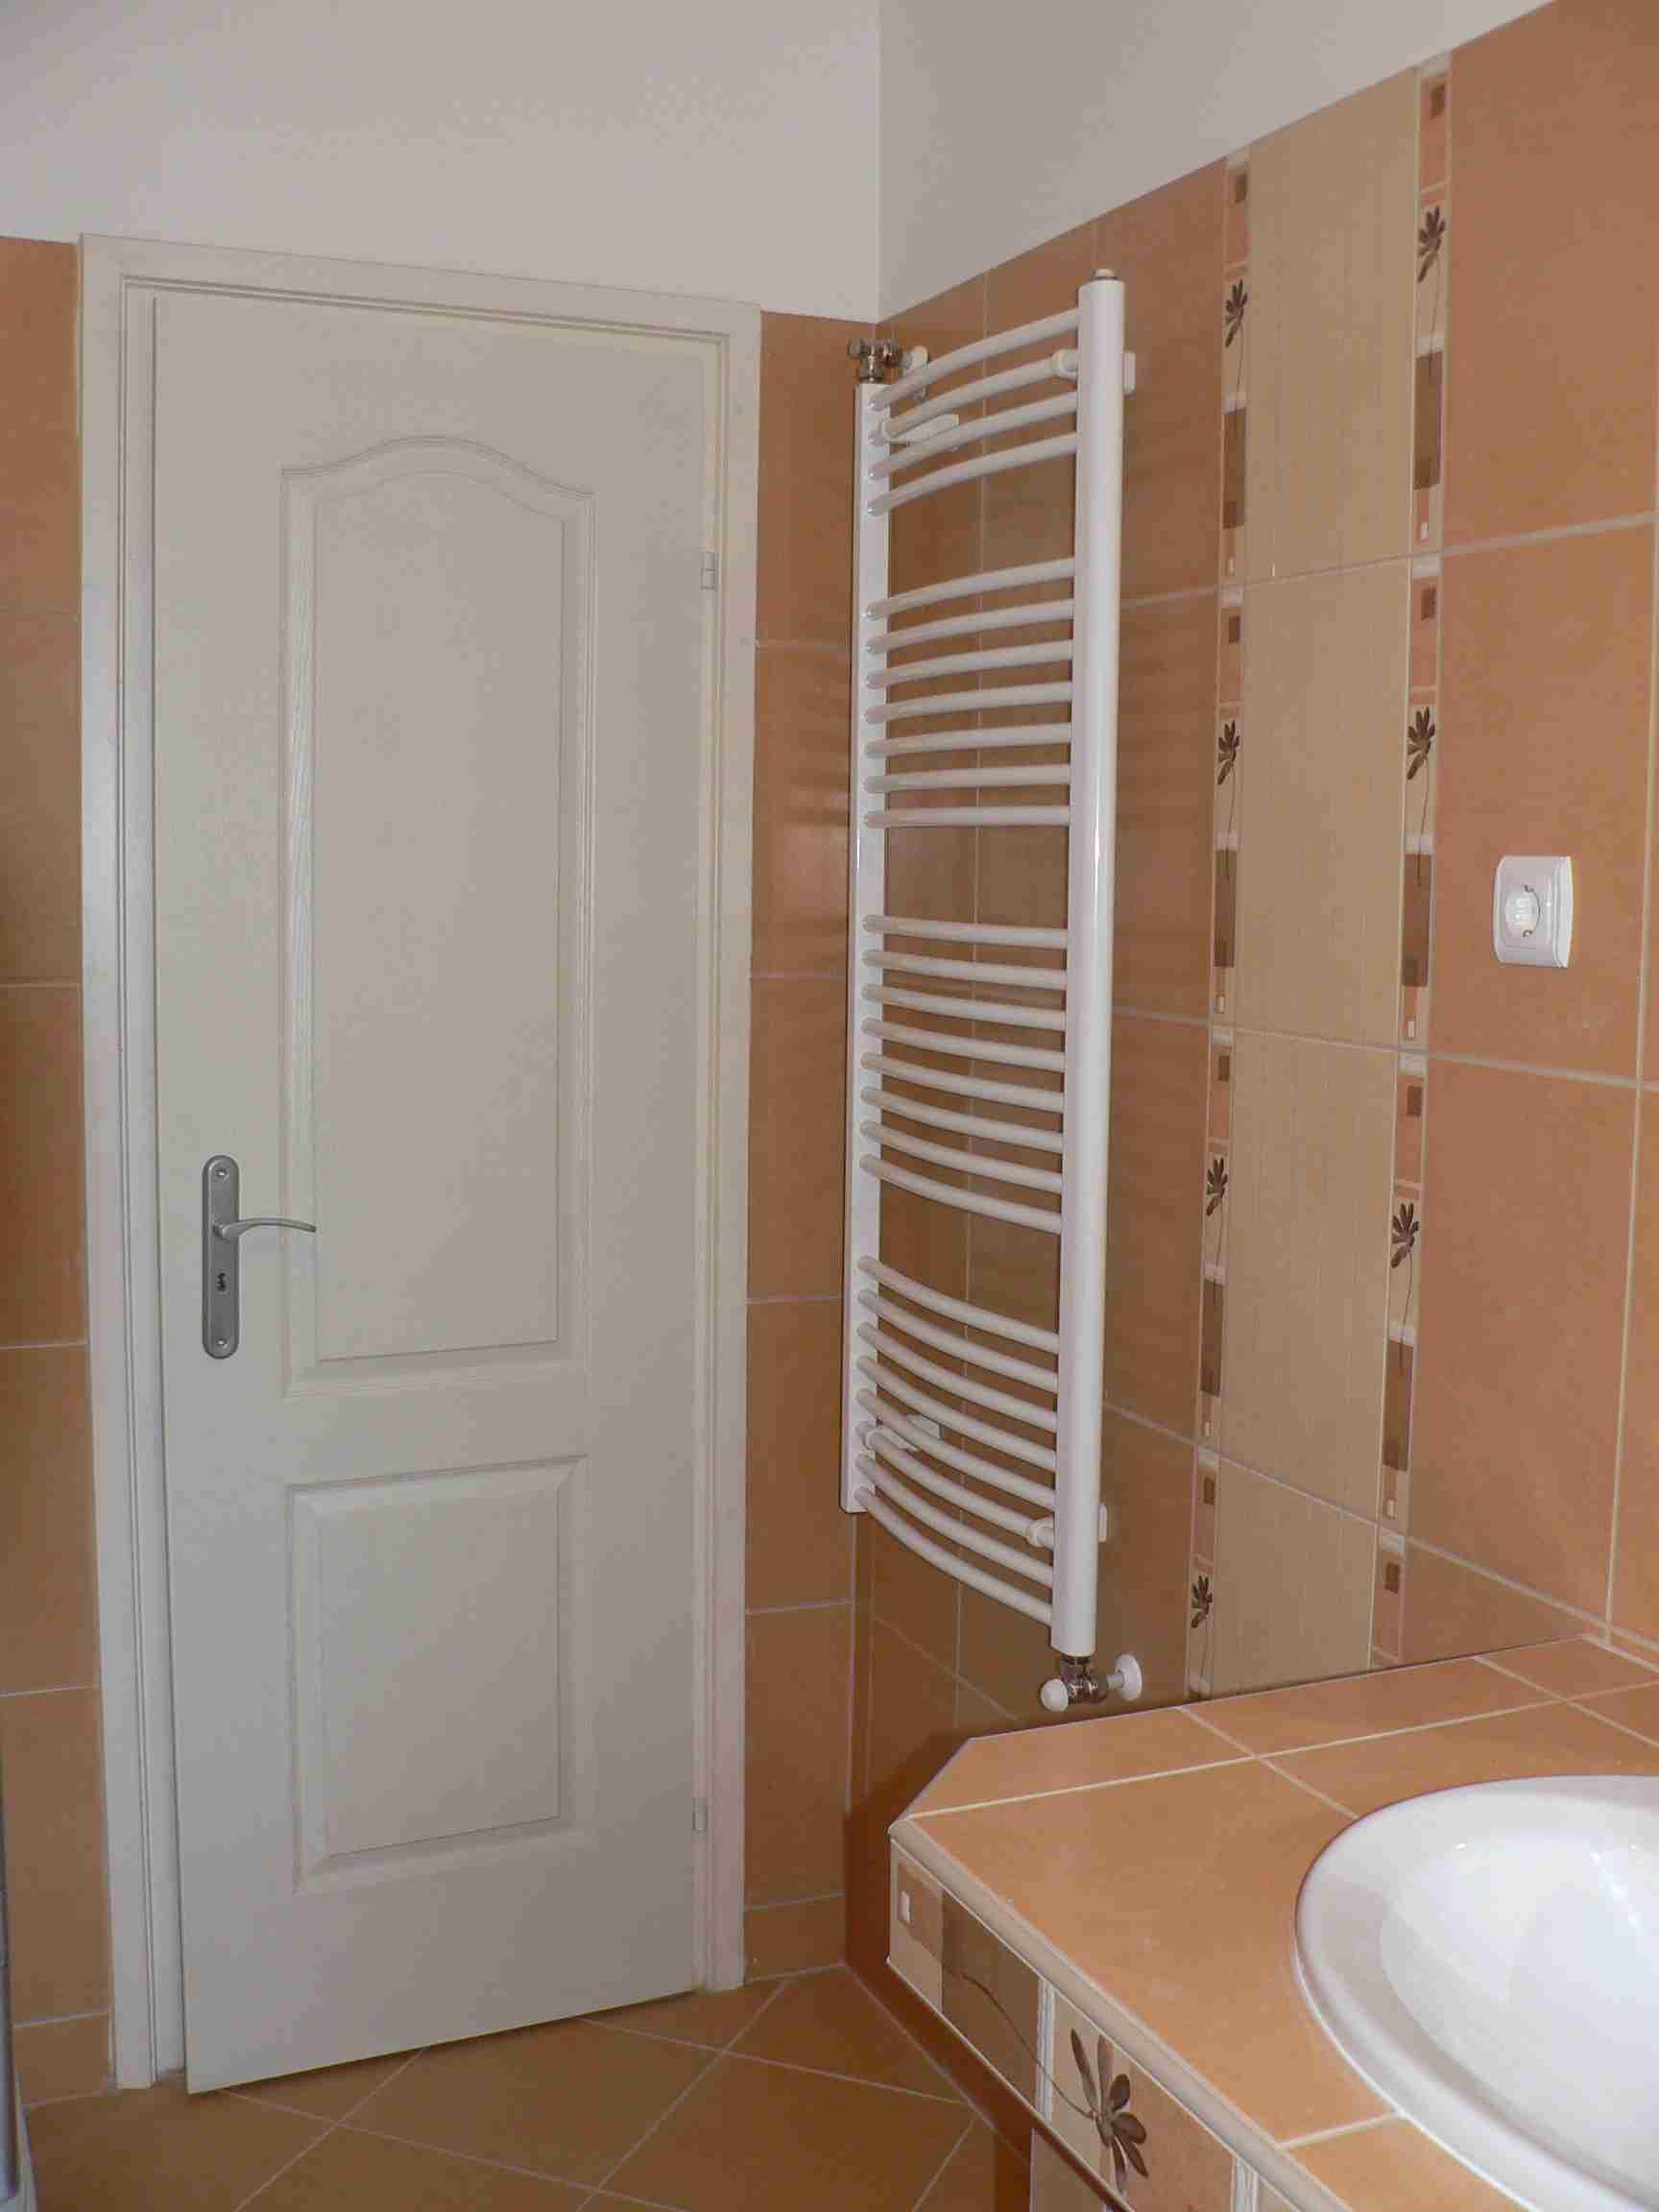 Megvalósult Álom: Egy kényelmes kétszemélyes fürdőszoba - Fürdőszoba Titkok